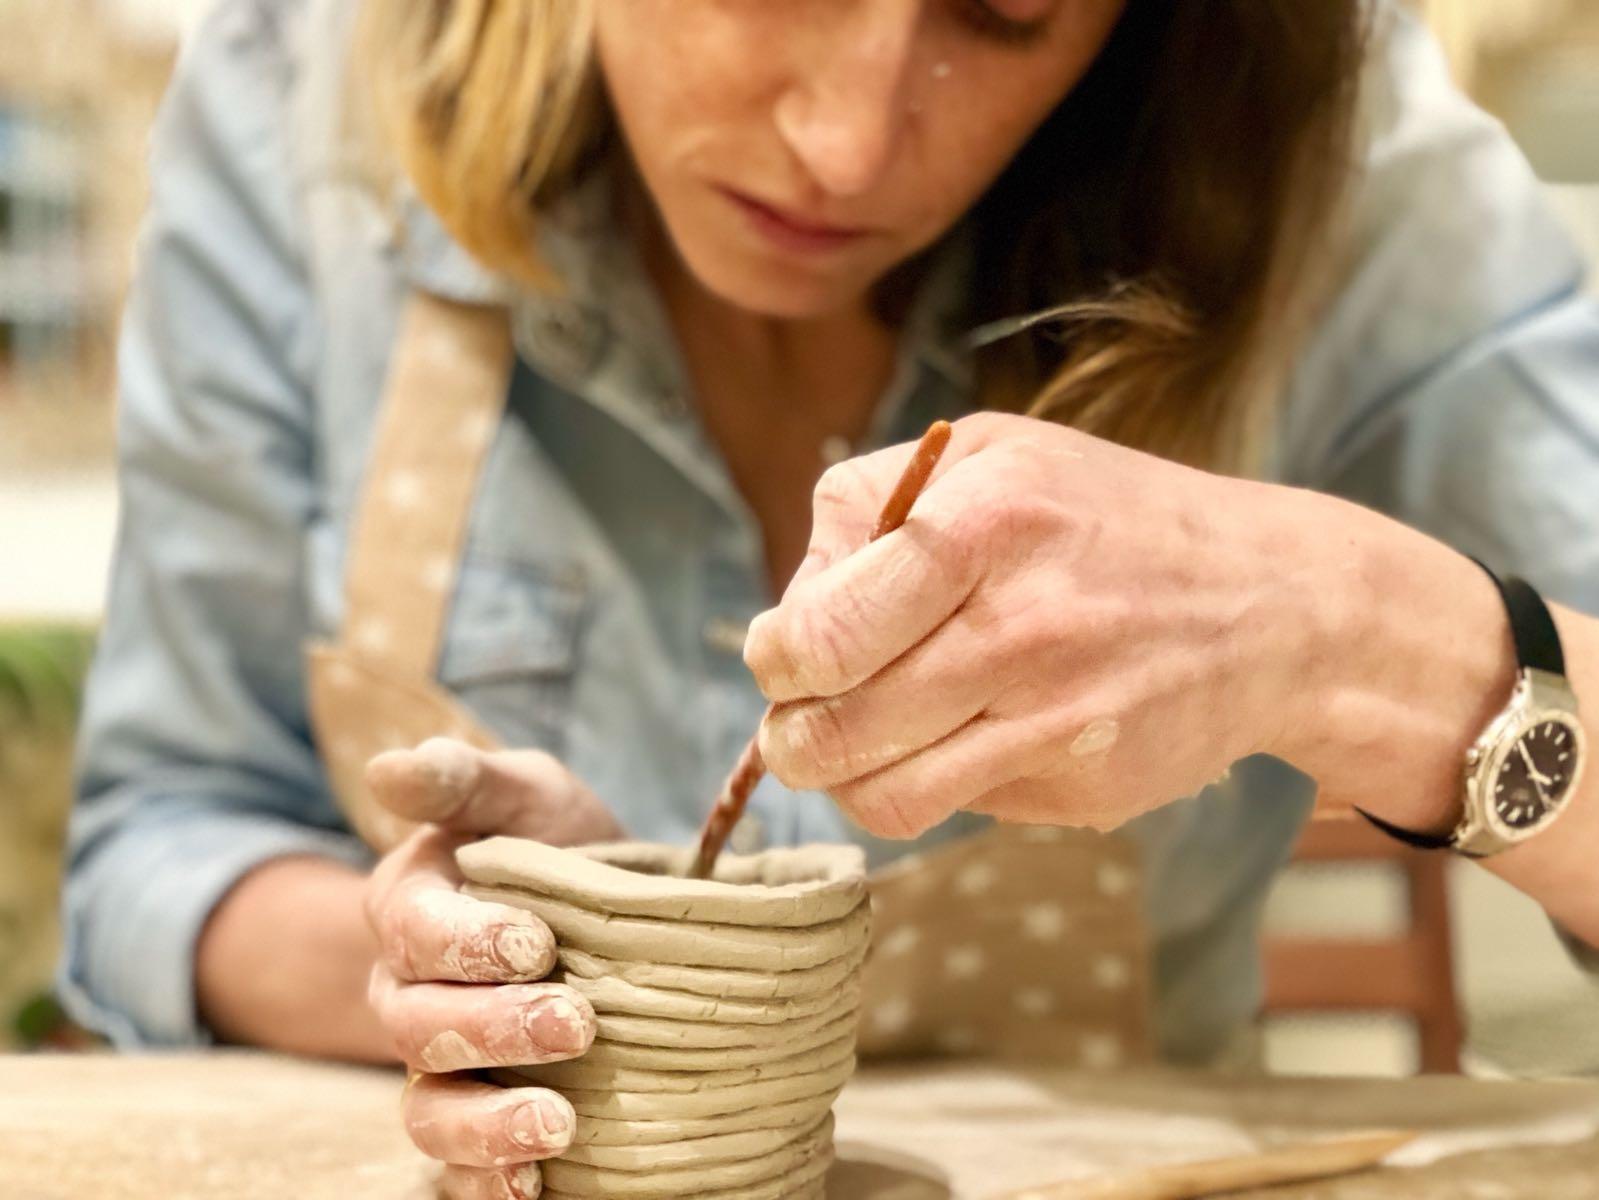 WORKSHOP CERÁMICA - El workshop de cerámica incluye...Breve introducción sobre la cerámica y aspectos básicos sobre herramientas y materiales. Todas las herramientas y materiales que necesitas para elaborar tus piezas, así como la cocción en horno especial. Las piezas que hagas te las llevarás a casa. Hablaremos del día de la entrega en la última sesión. Cuatro horas de relax (2 sesiones de 2 hs.) con suave música de fondo. Un snack saludable acompañado de una copa de vino